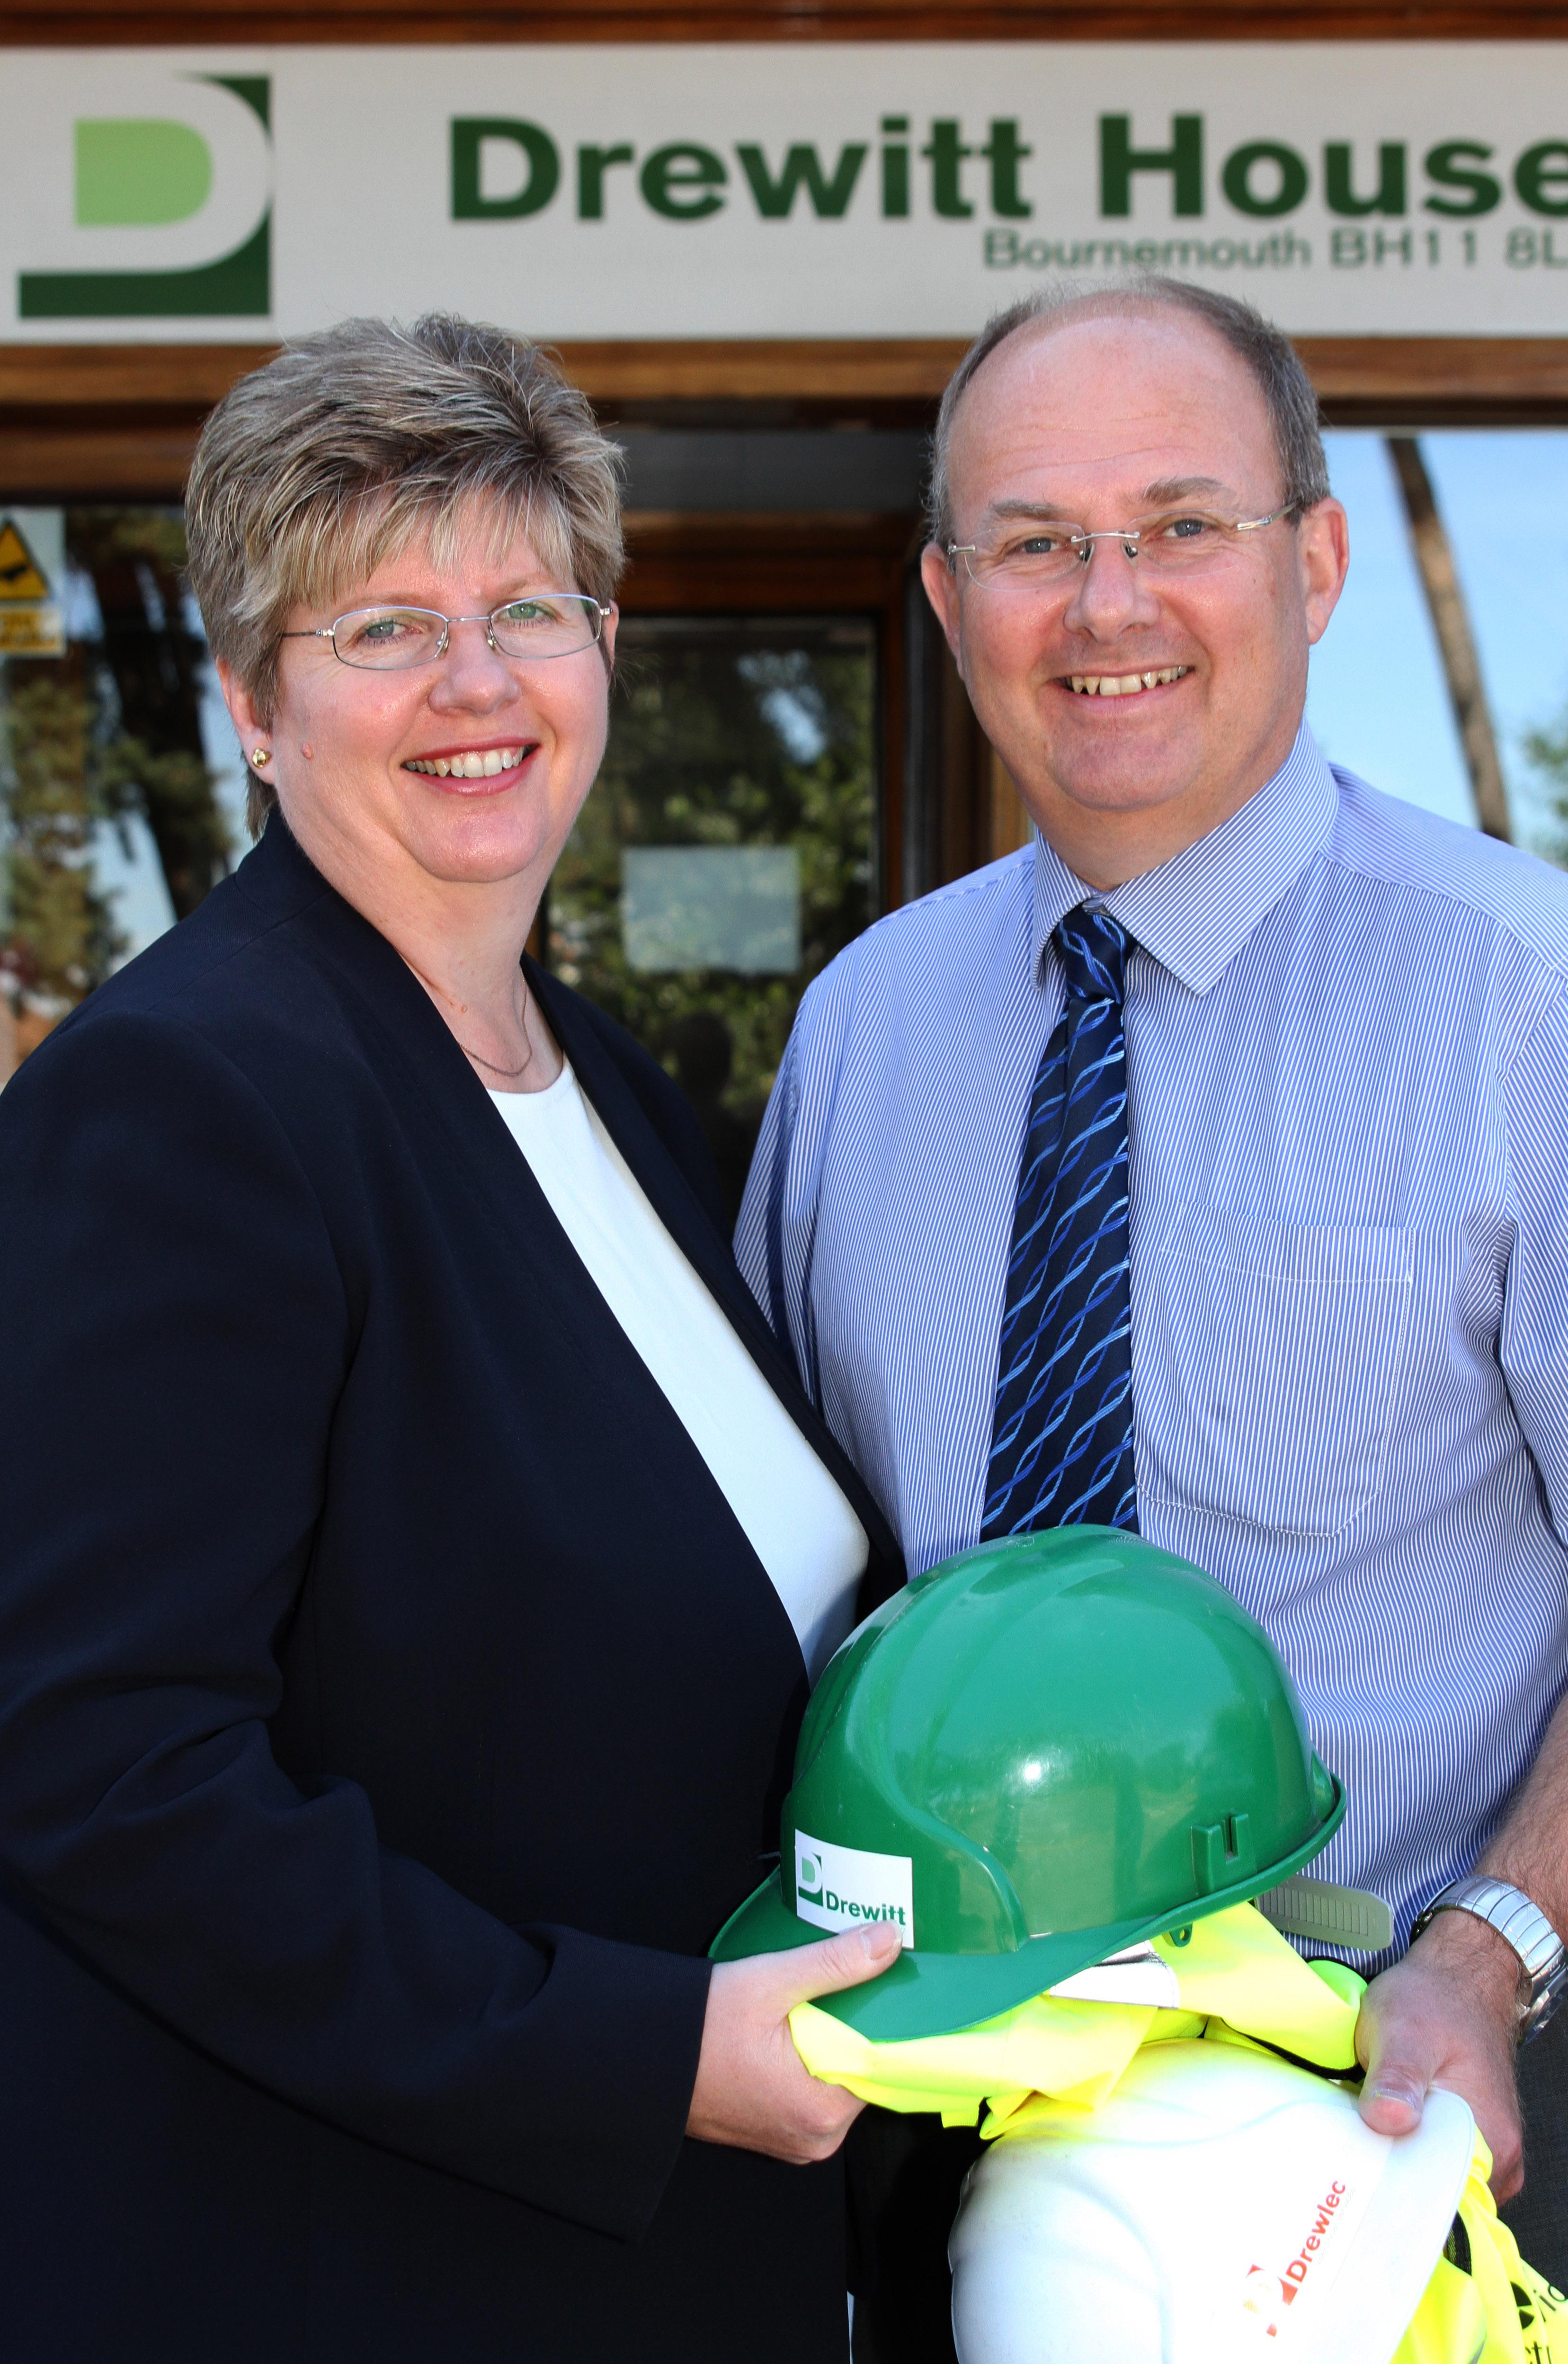 Gillian and Richard Drewitt at Drewitt House